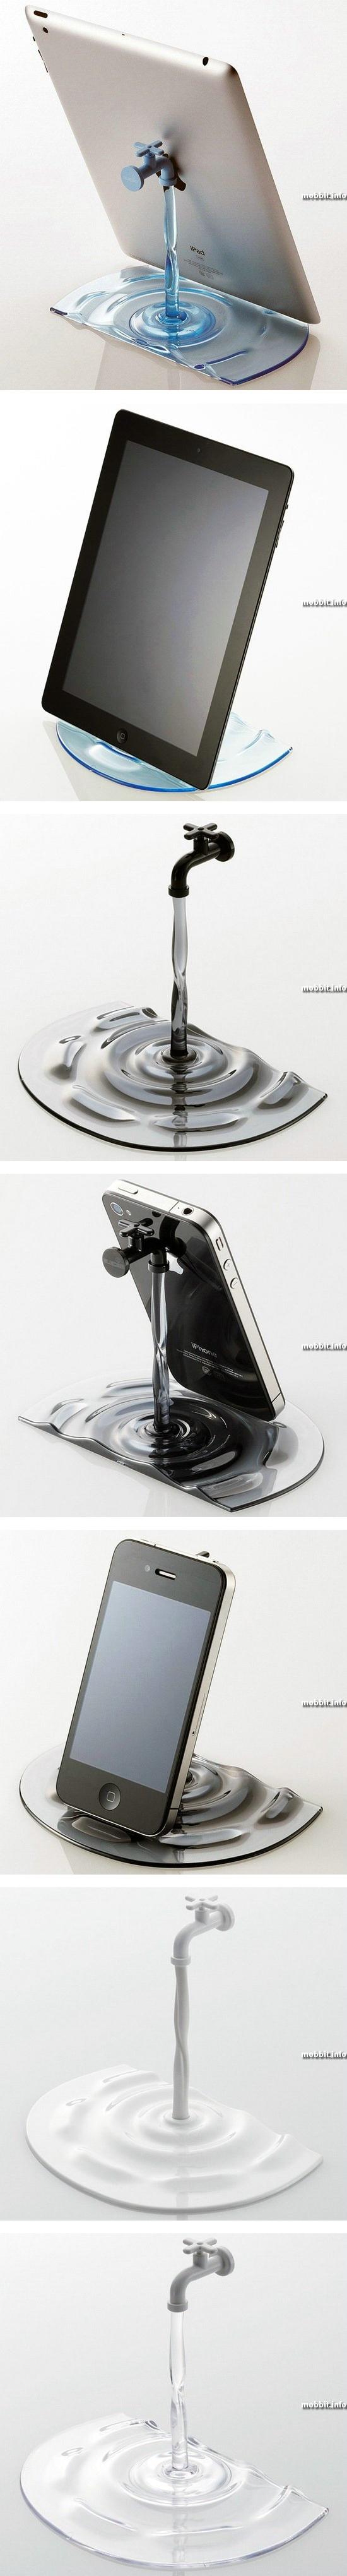 Креативная подставка для телефонов и планшетов